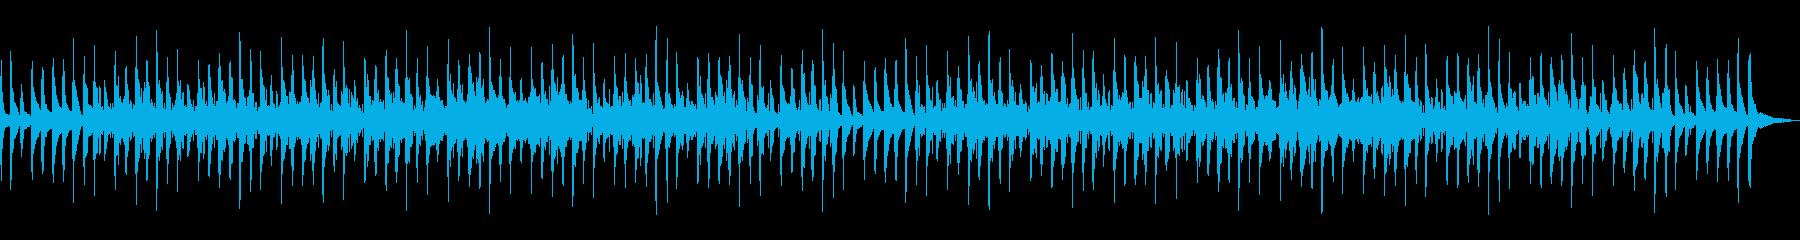 パッフェルベルのカノン(山の癒しver)の再生済みの波形